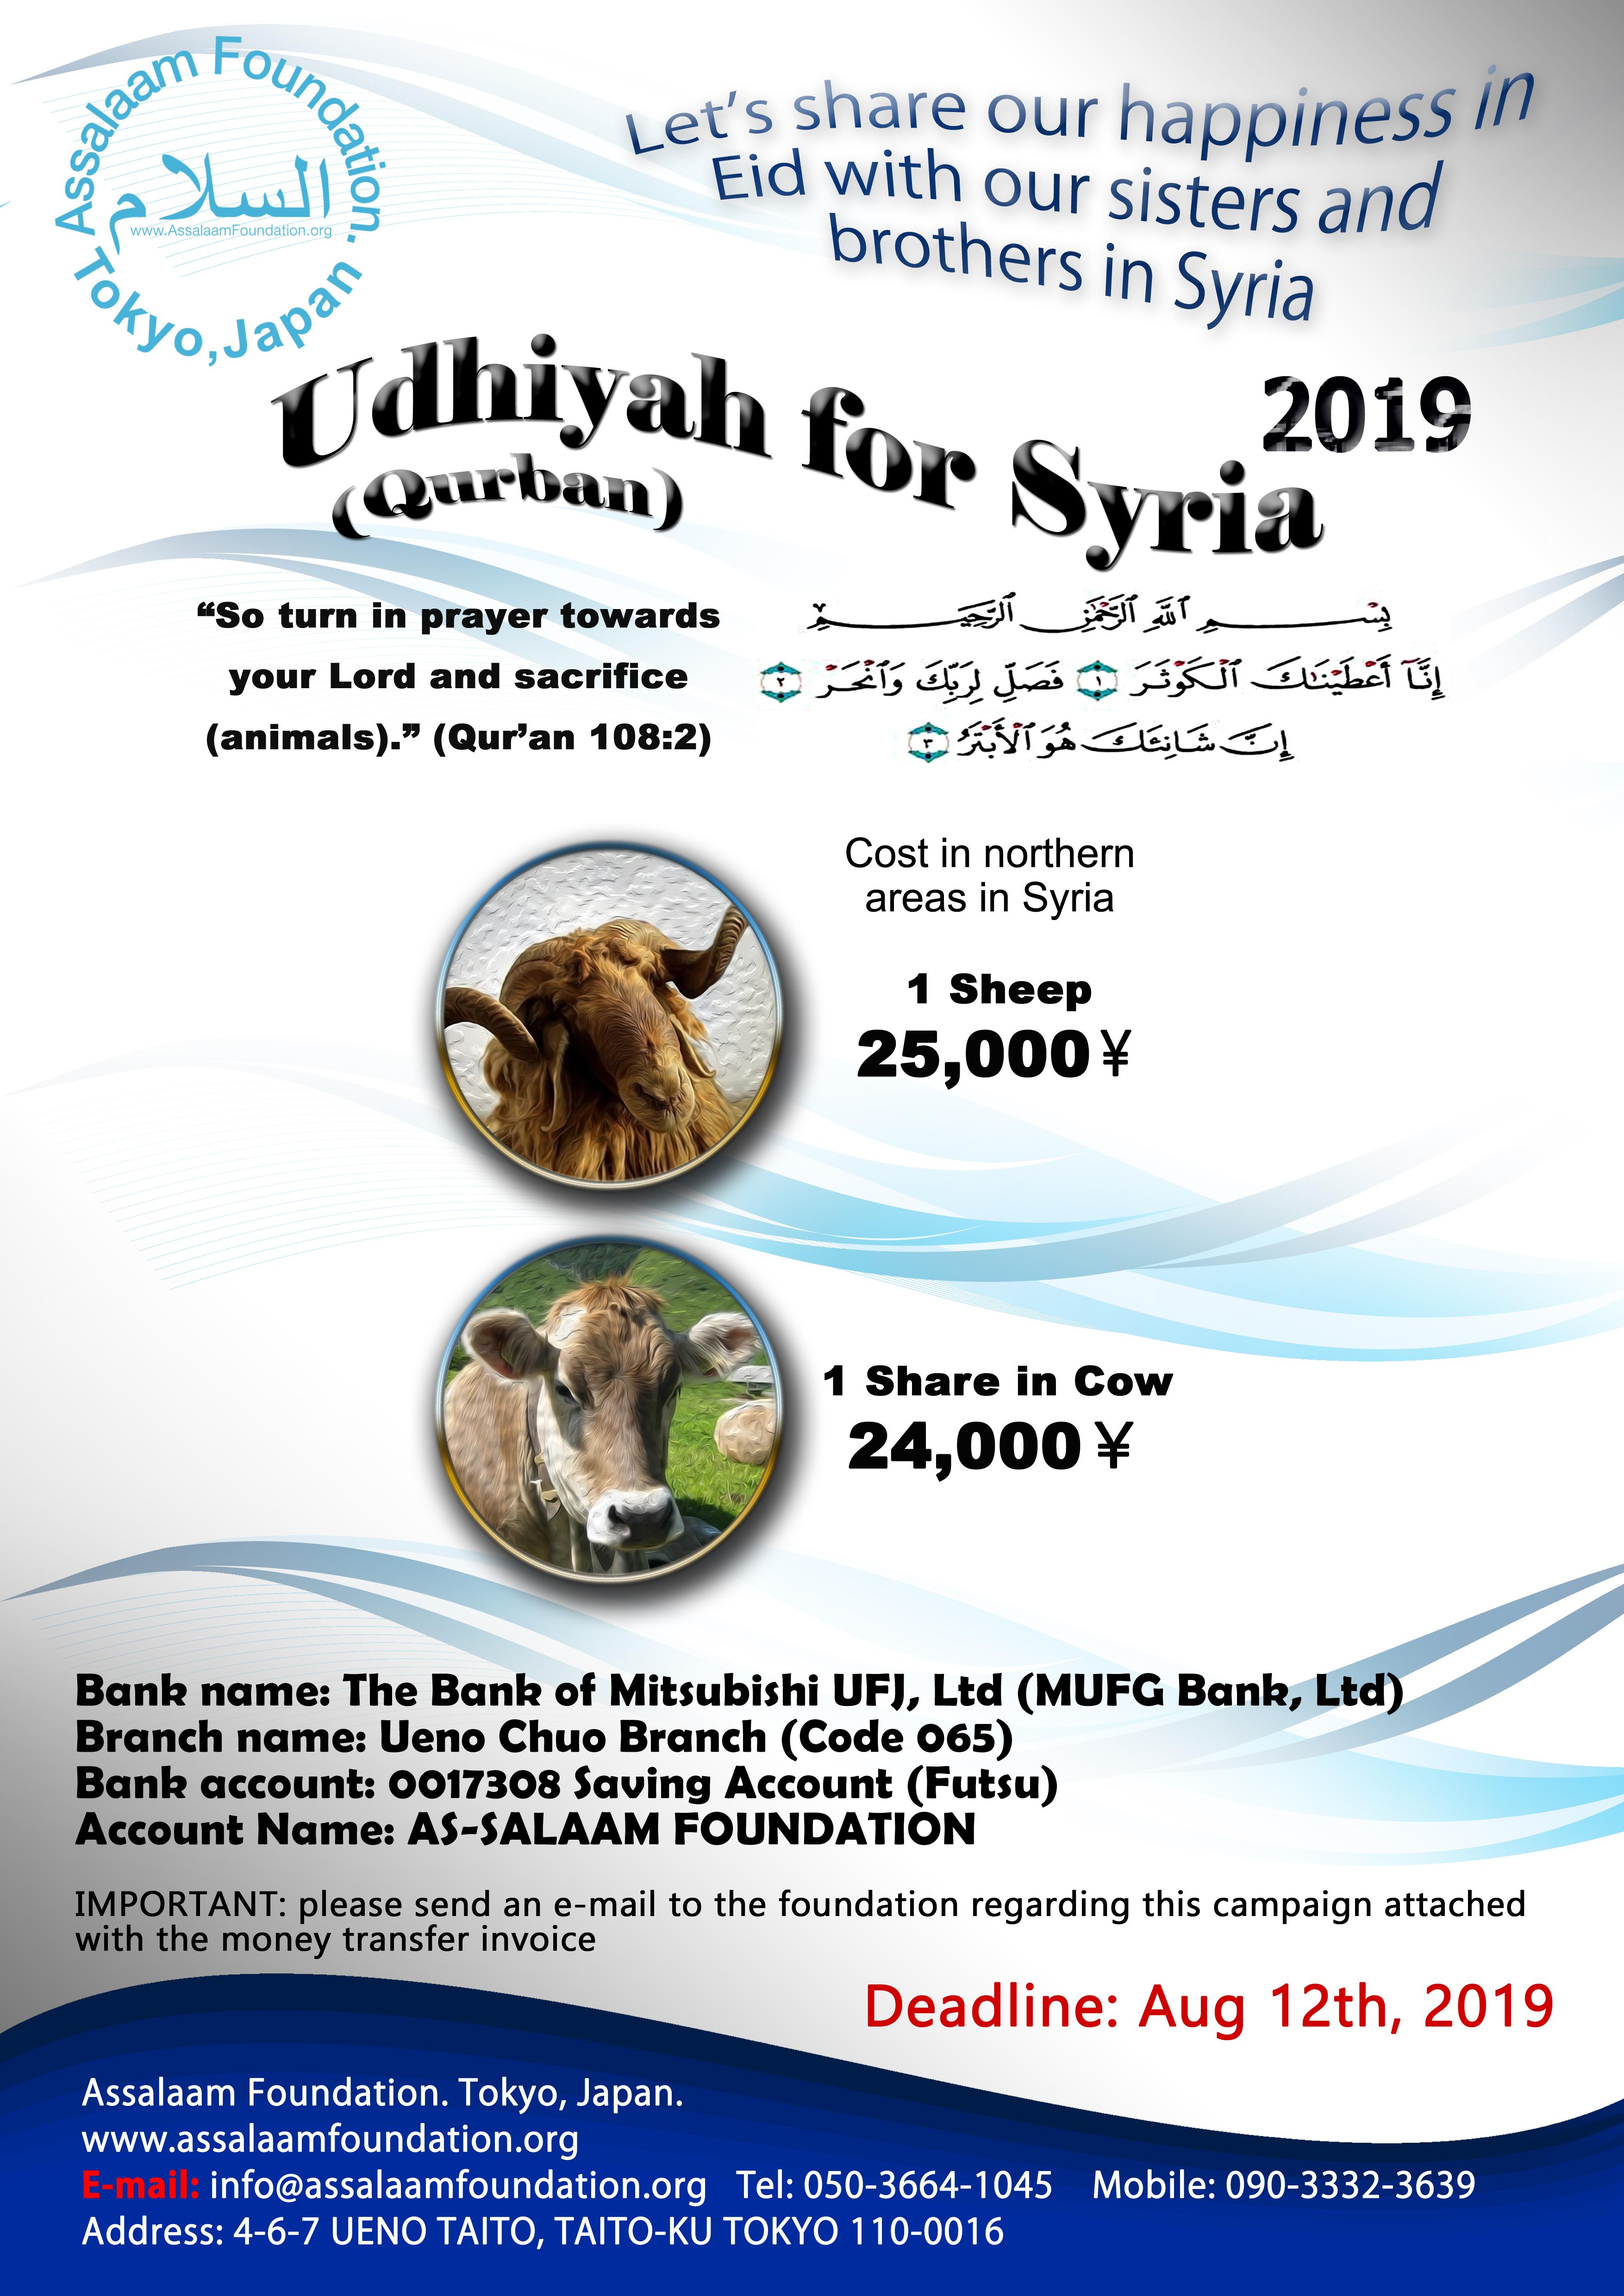 Udhiyyah Syria